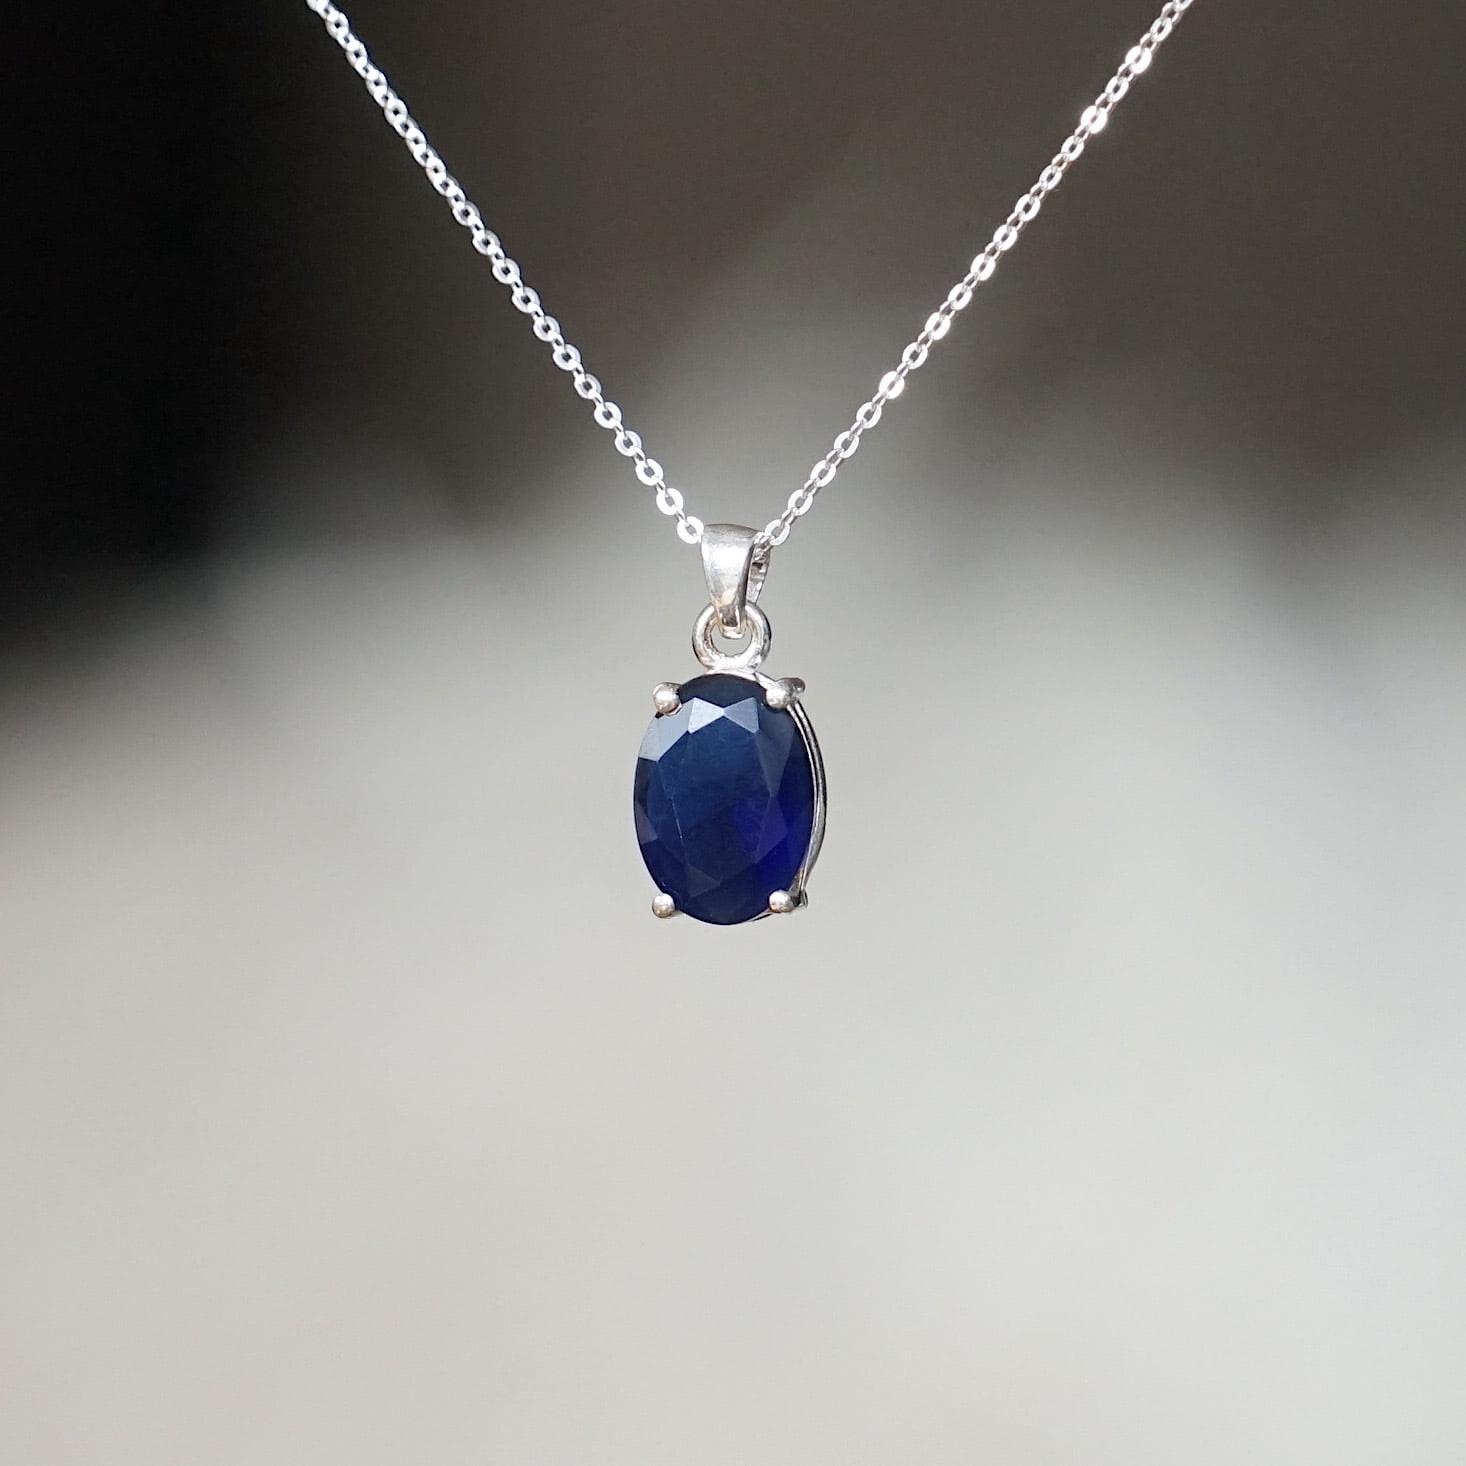 Blauwe saffier sieraden